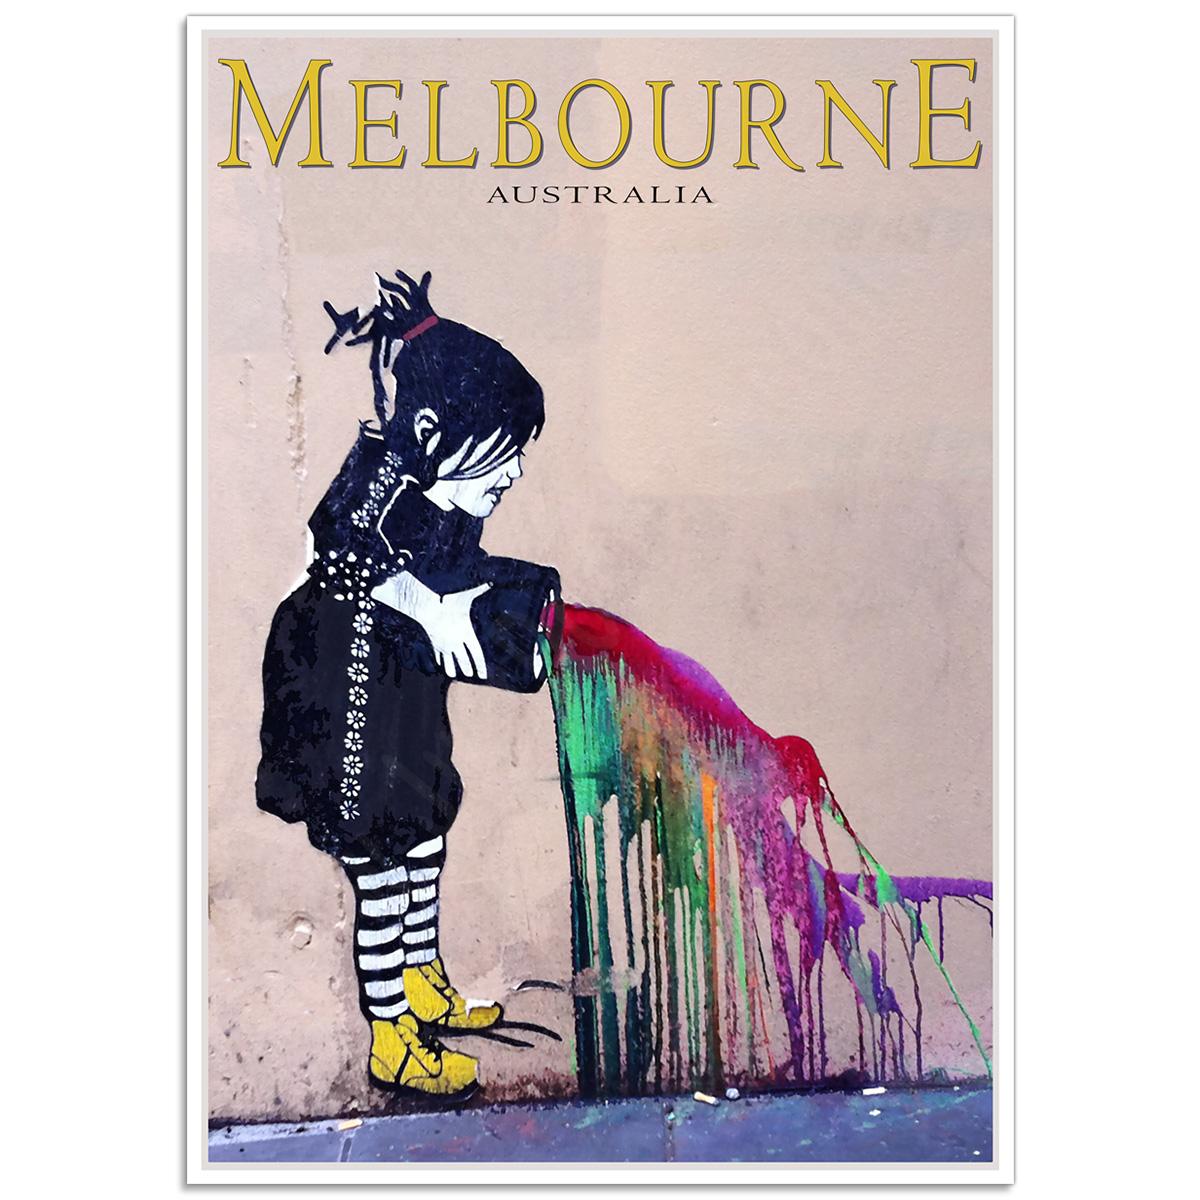 Melbourne Paint Splash Girl - Degraves Street